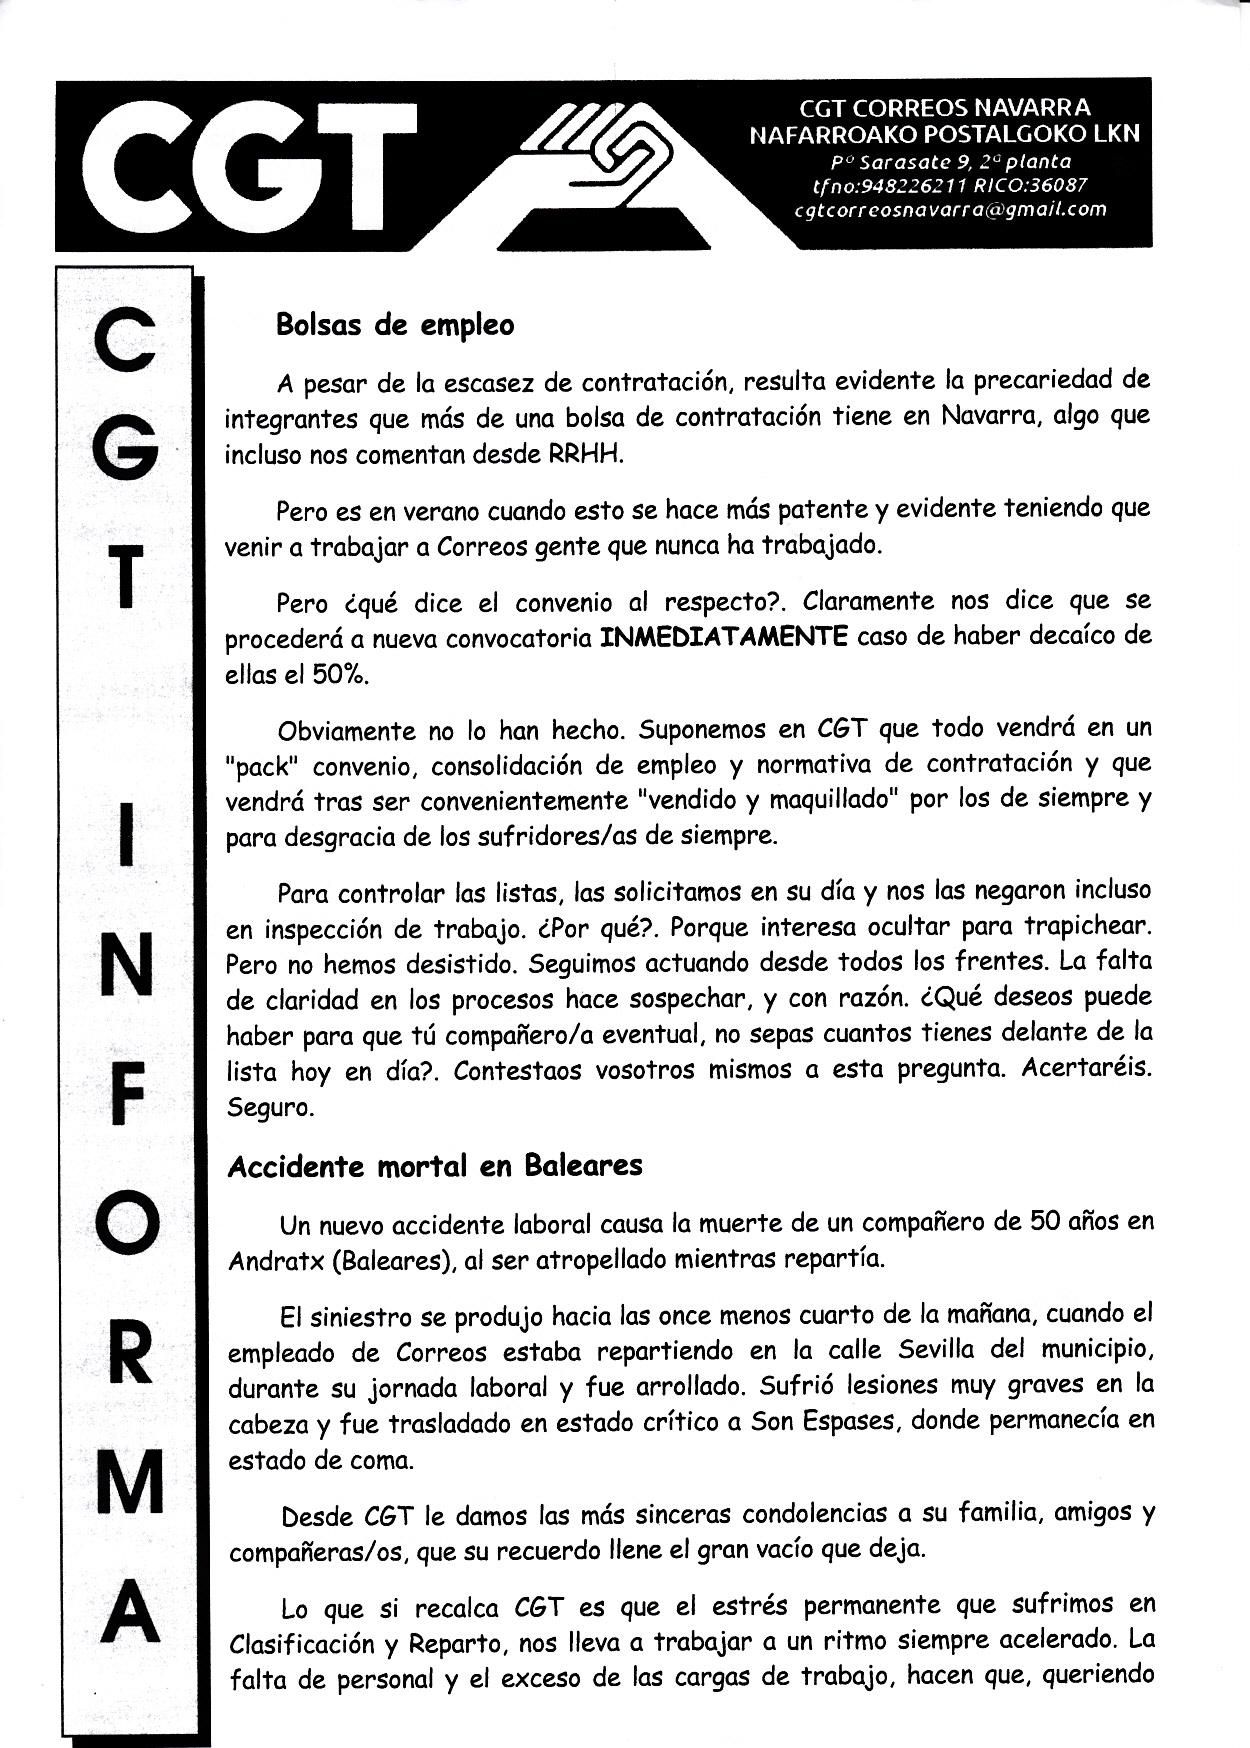 x_CGT_Informa_Correos_navarra_0003